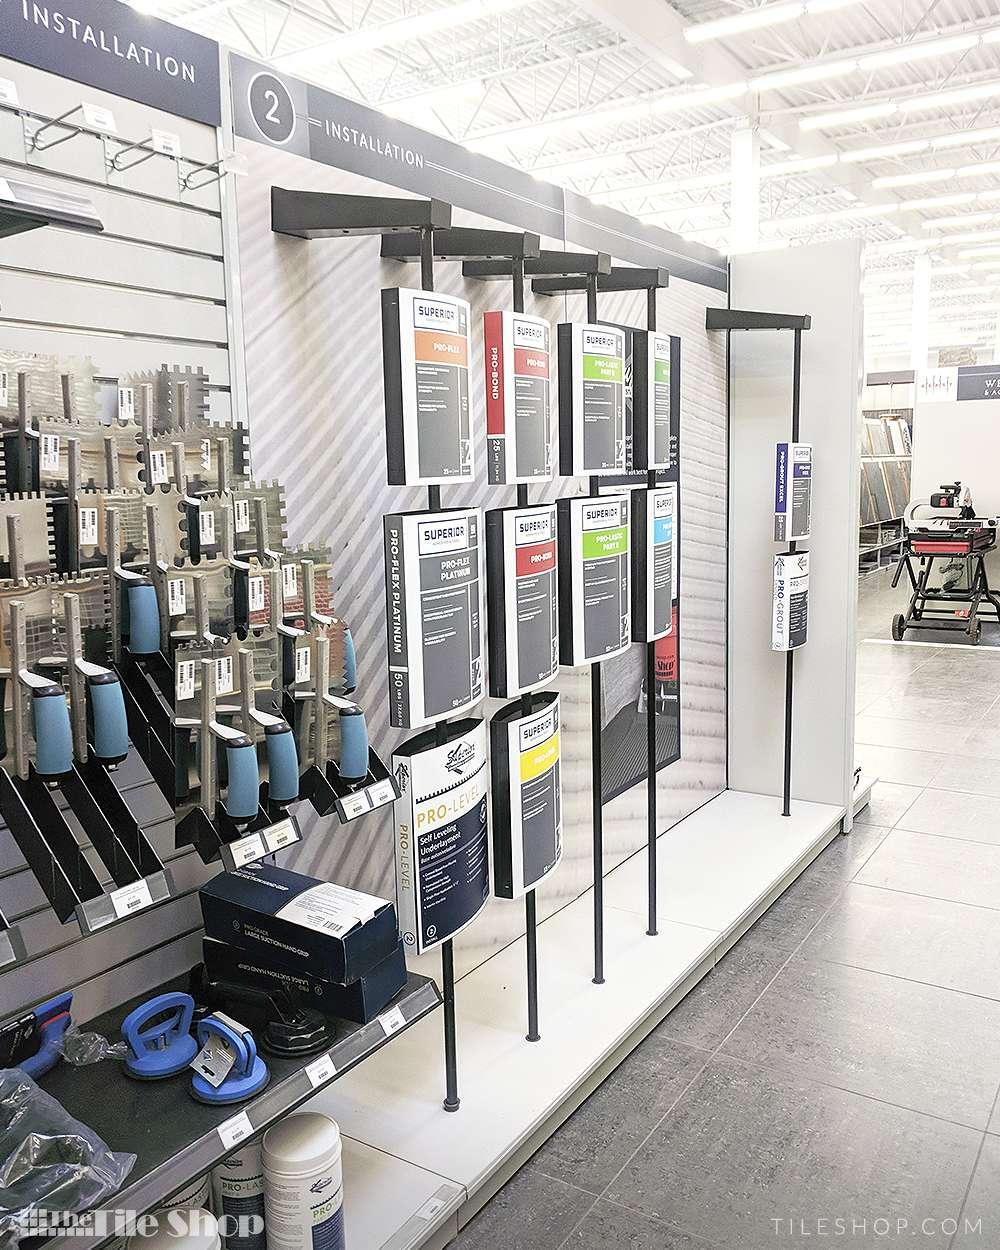 the tile shop 401 nj 38 moorestown